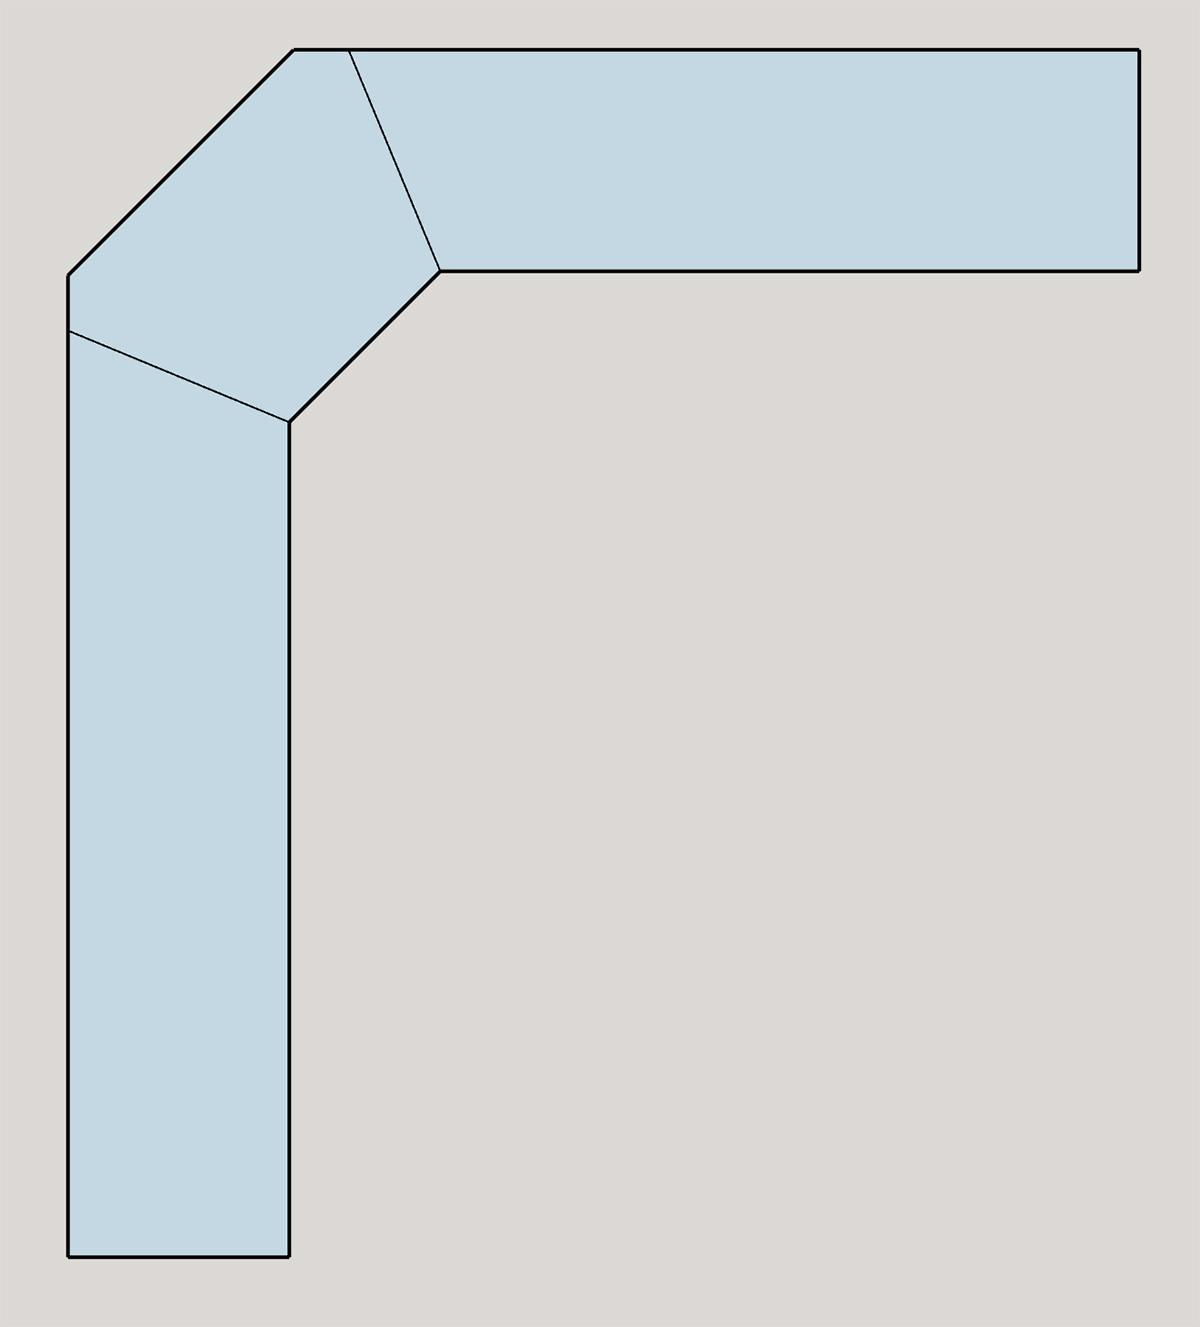 d coupe plan de travail en 3 parties copain des copeaux. Black Bedroom Furniture Sets. Home Design Ideas